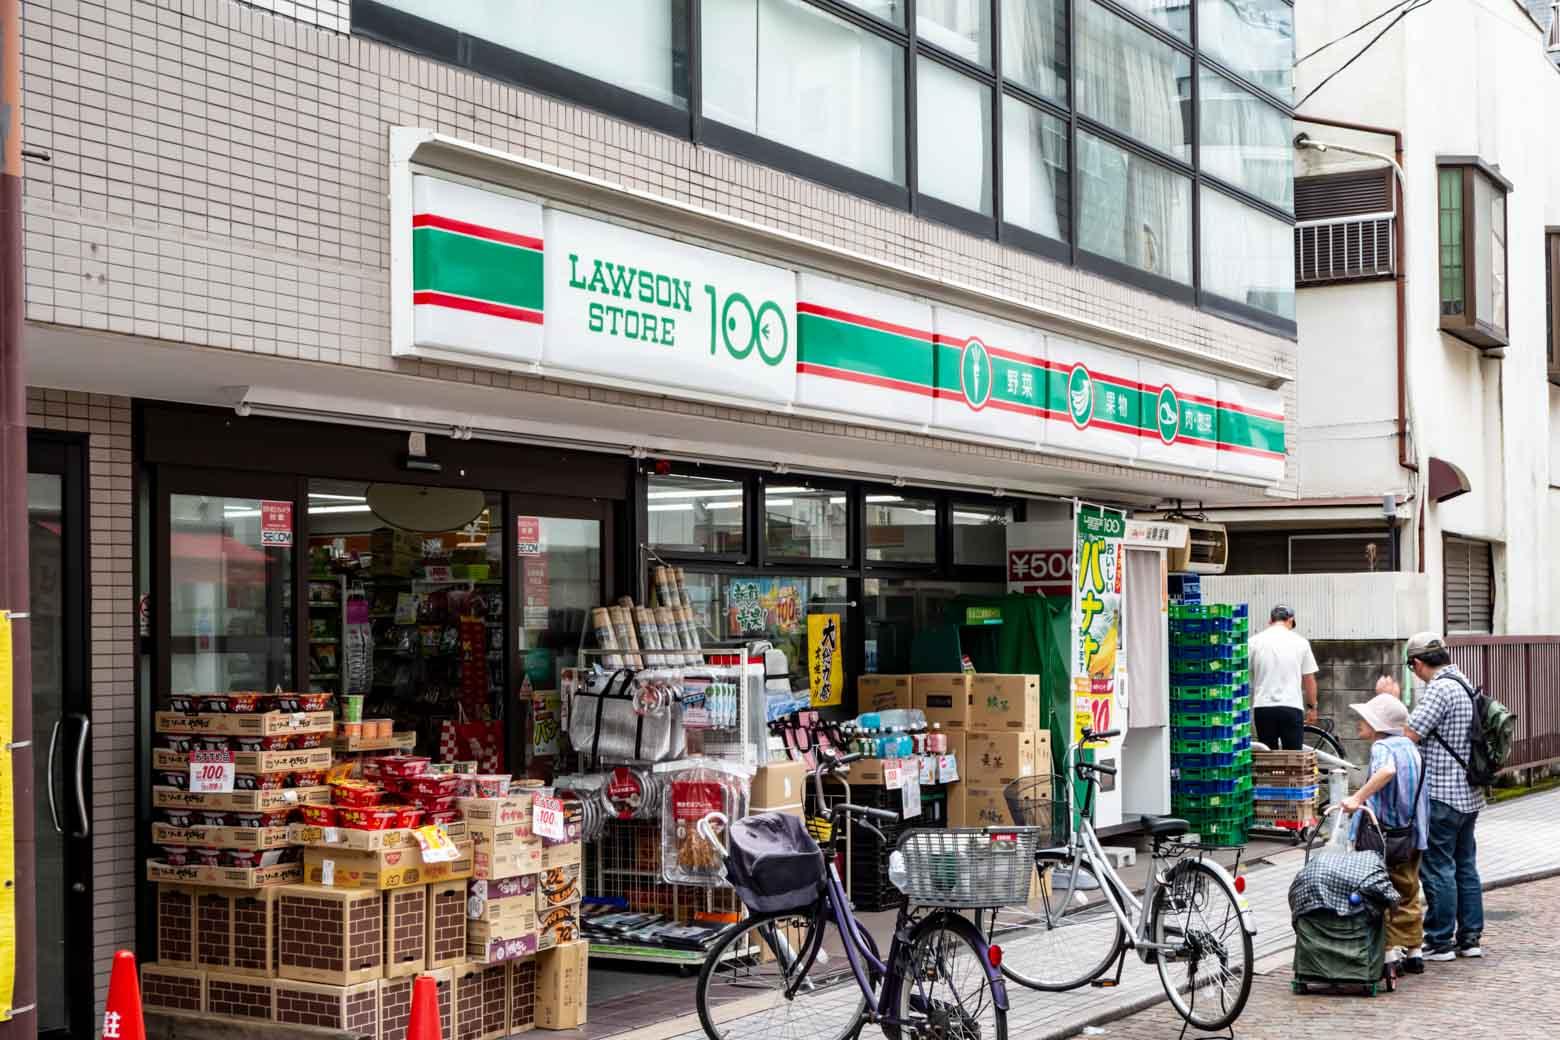 まいばすけっとやローソンストア100など便利なお店も多く、買い物には困りそうにありません。